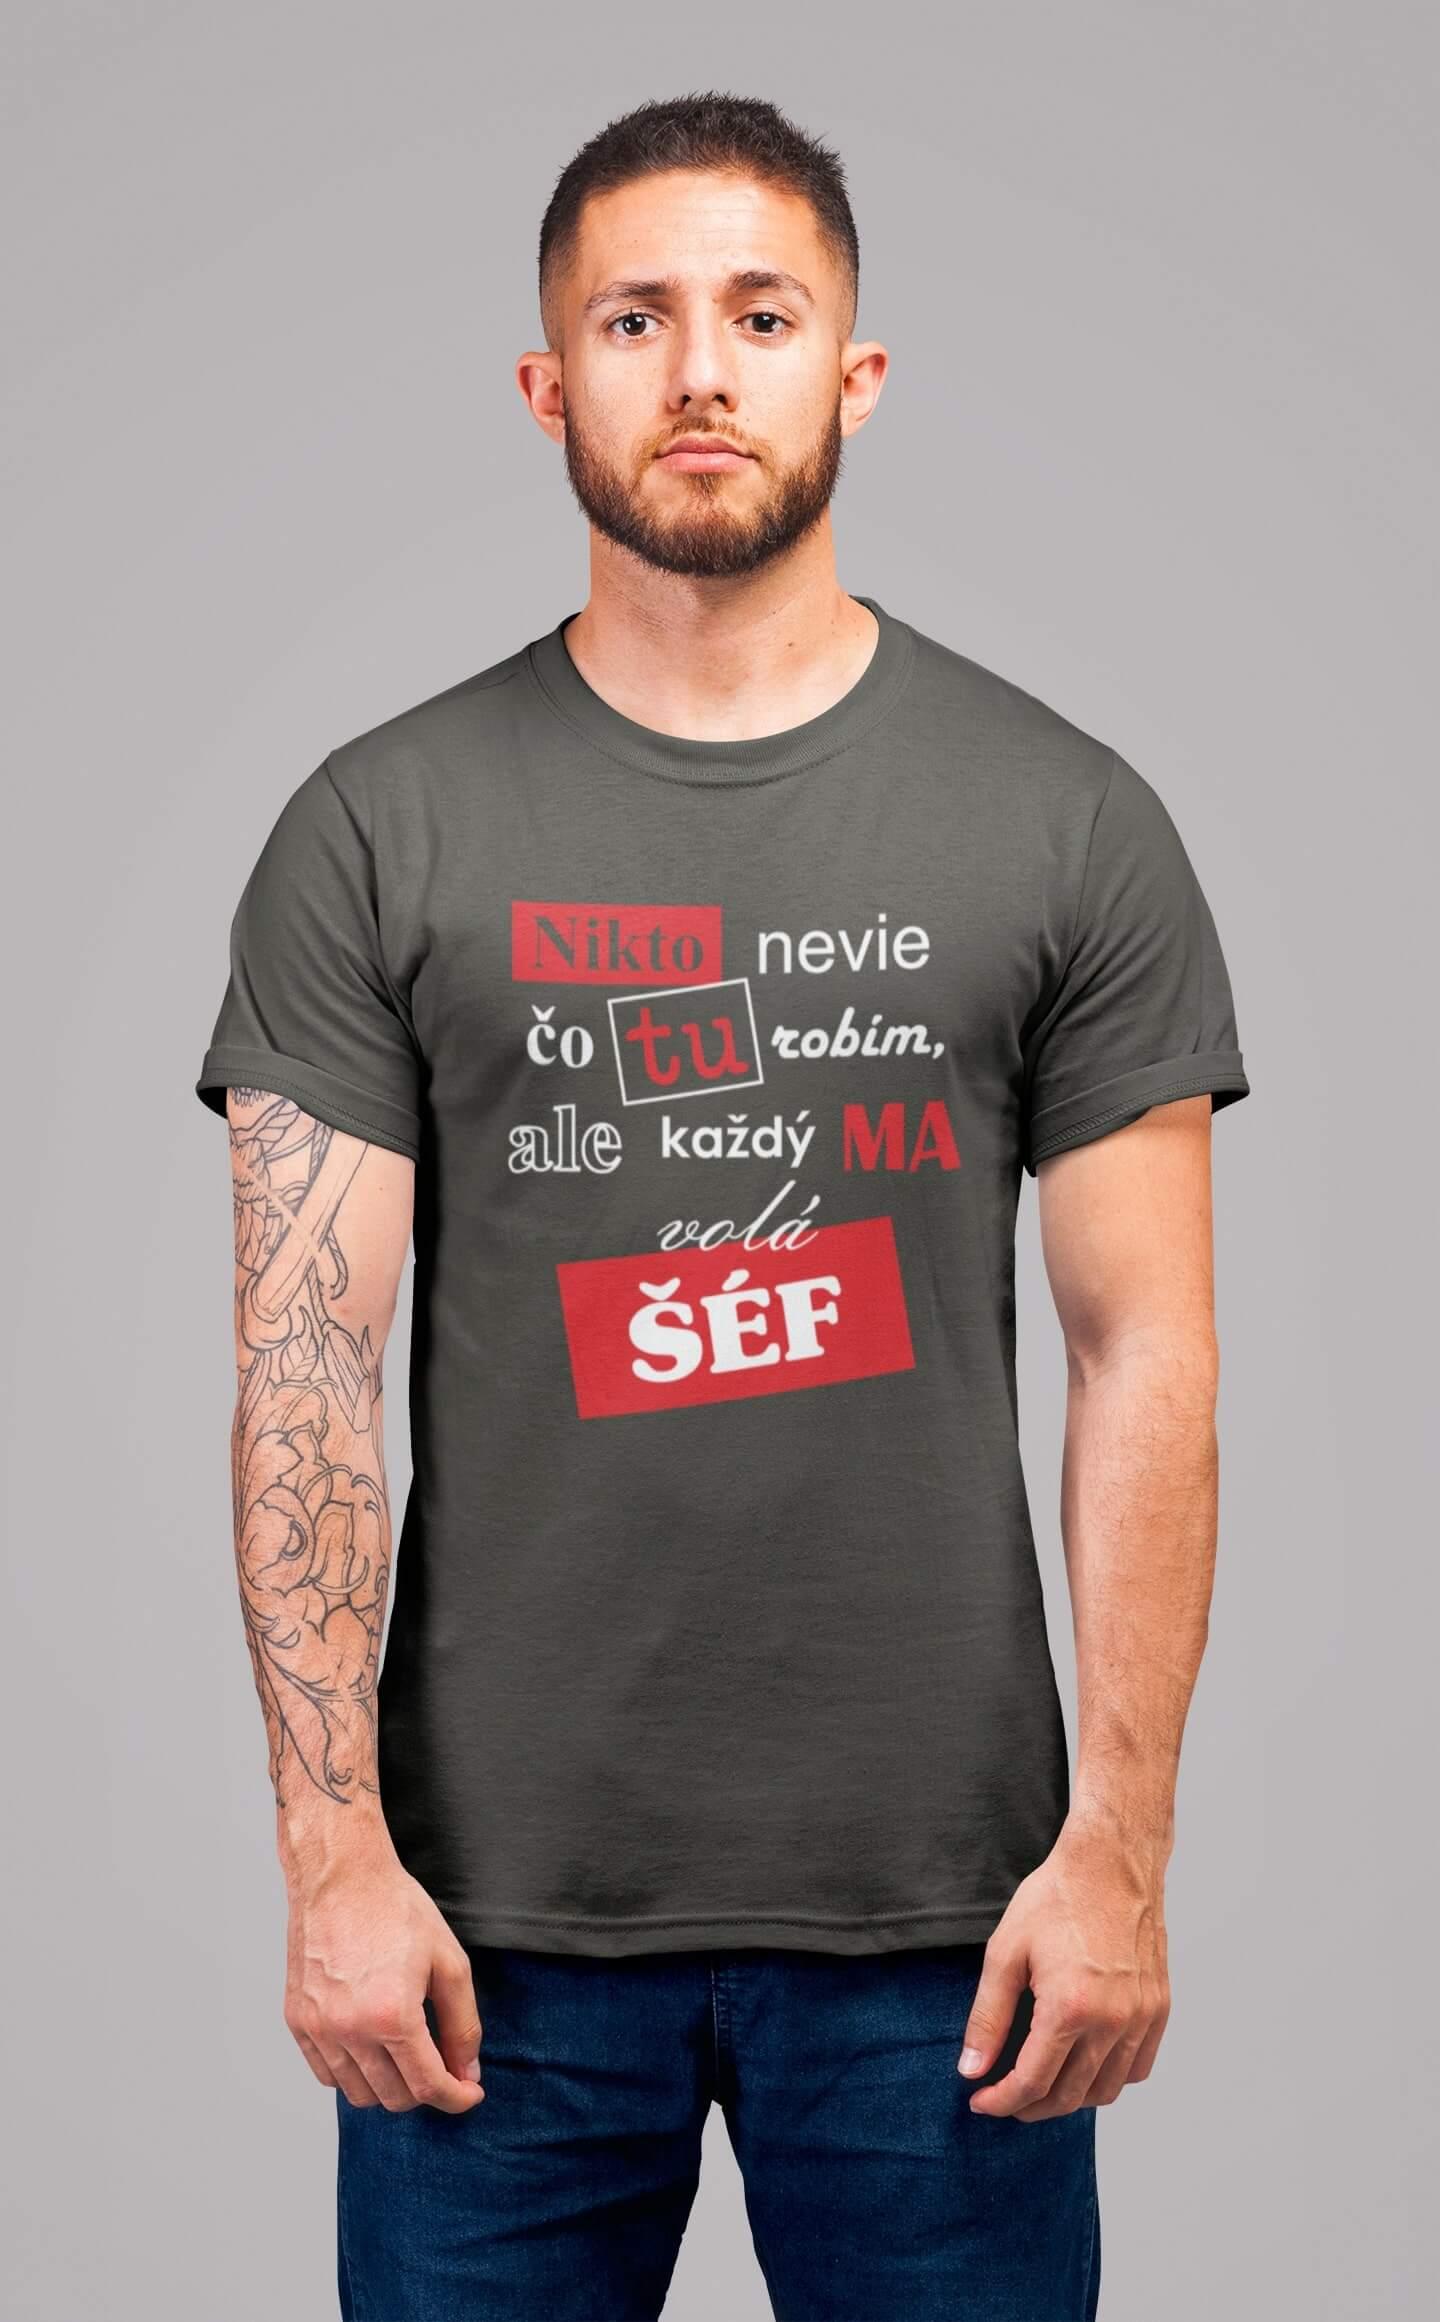 MMO Pánske tričko Šéf Vyberte farbu: Tmavá bridlica, Vyberte veľkosť: XL